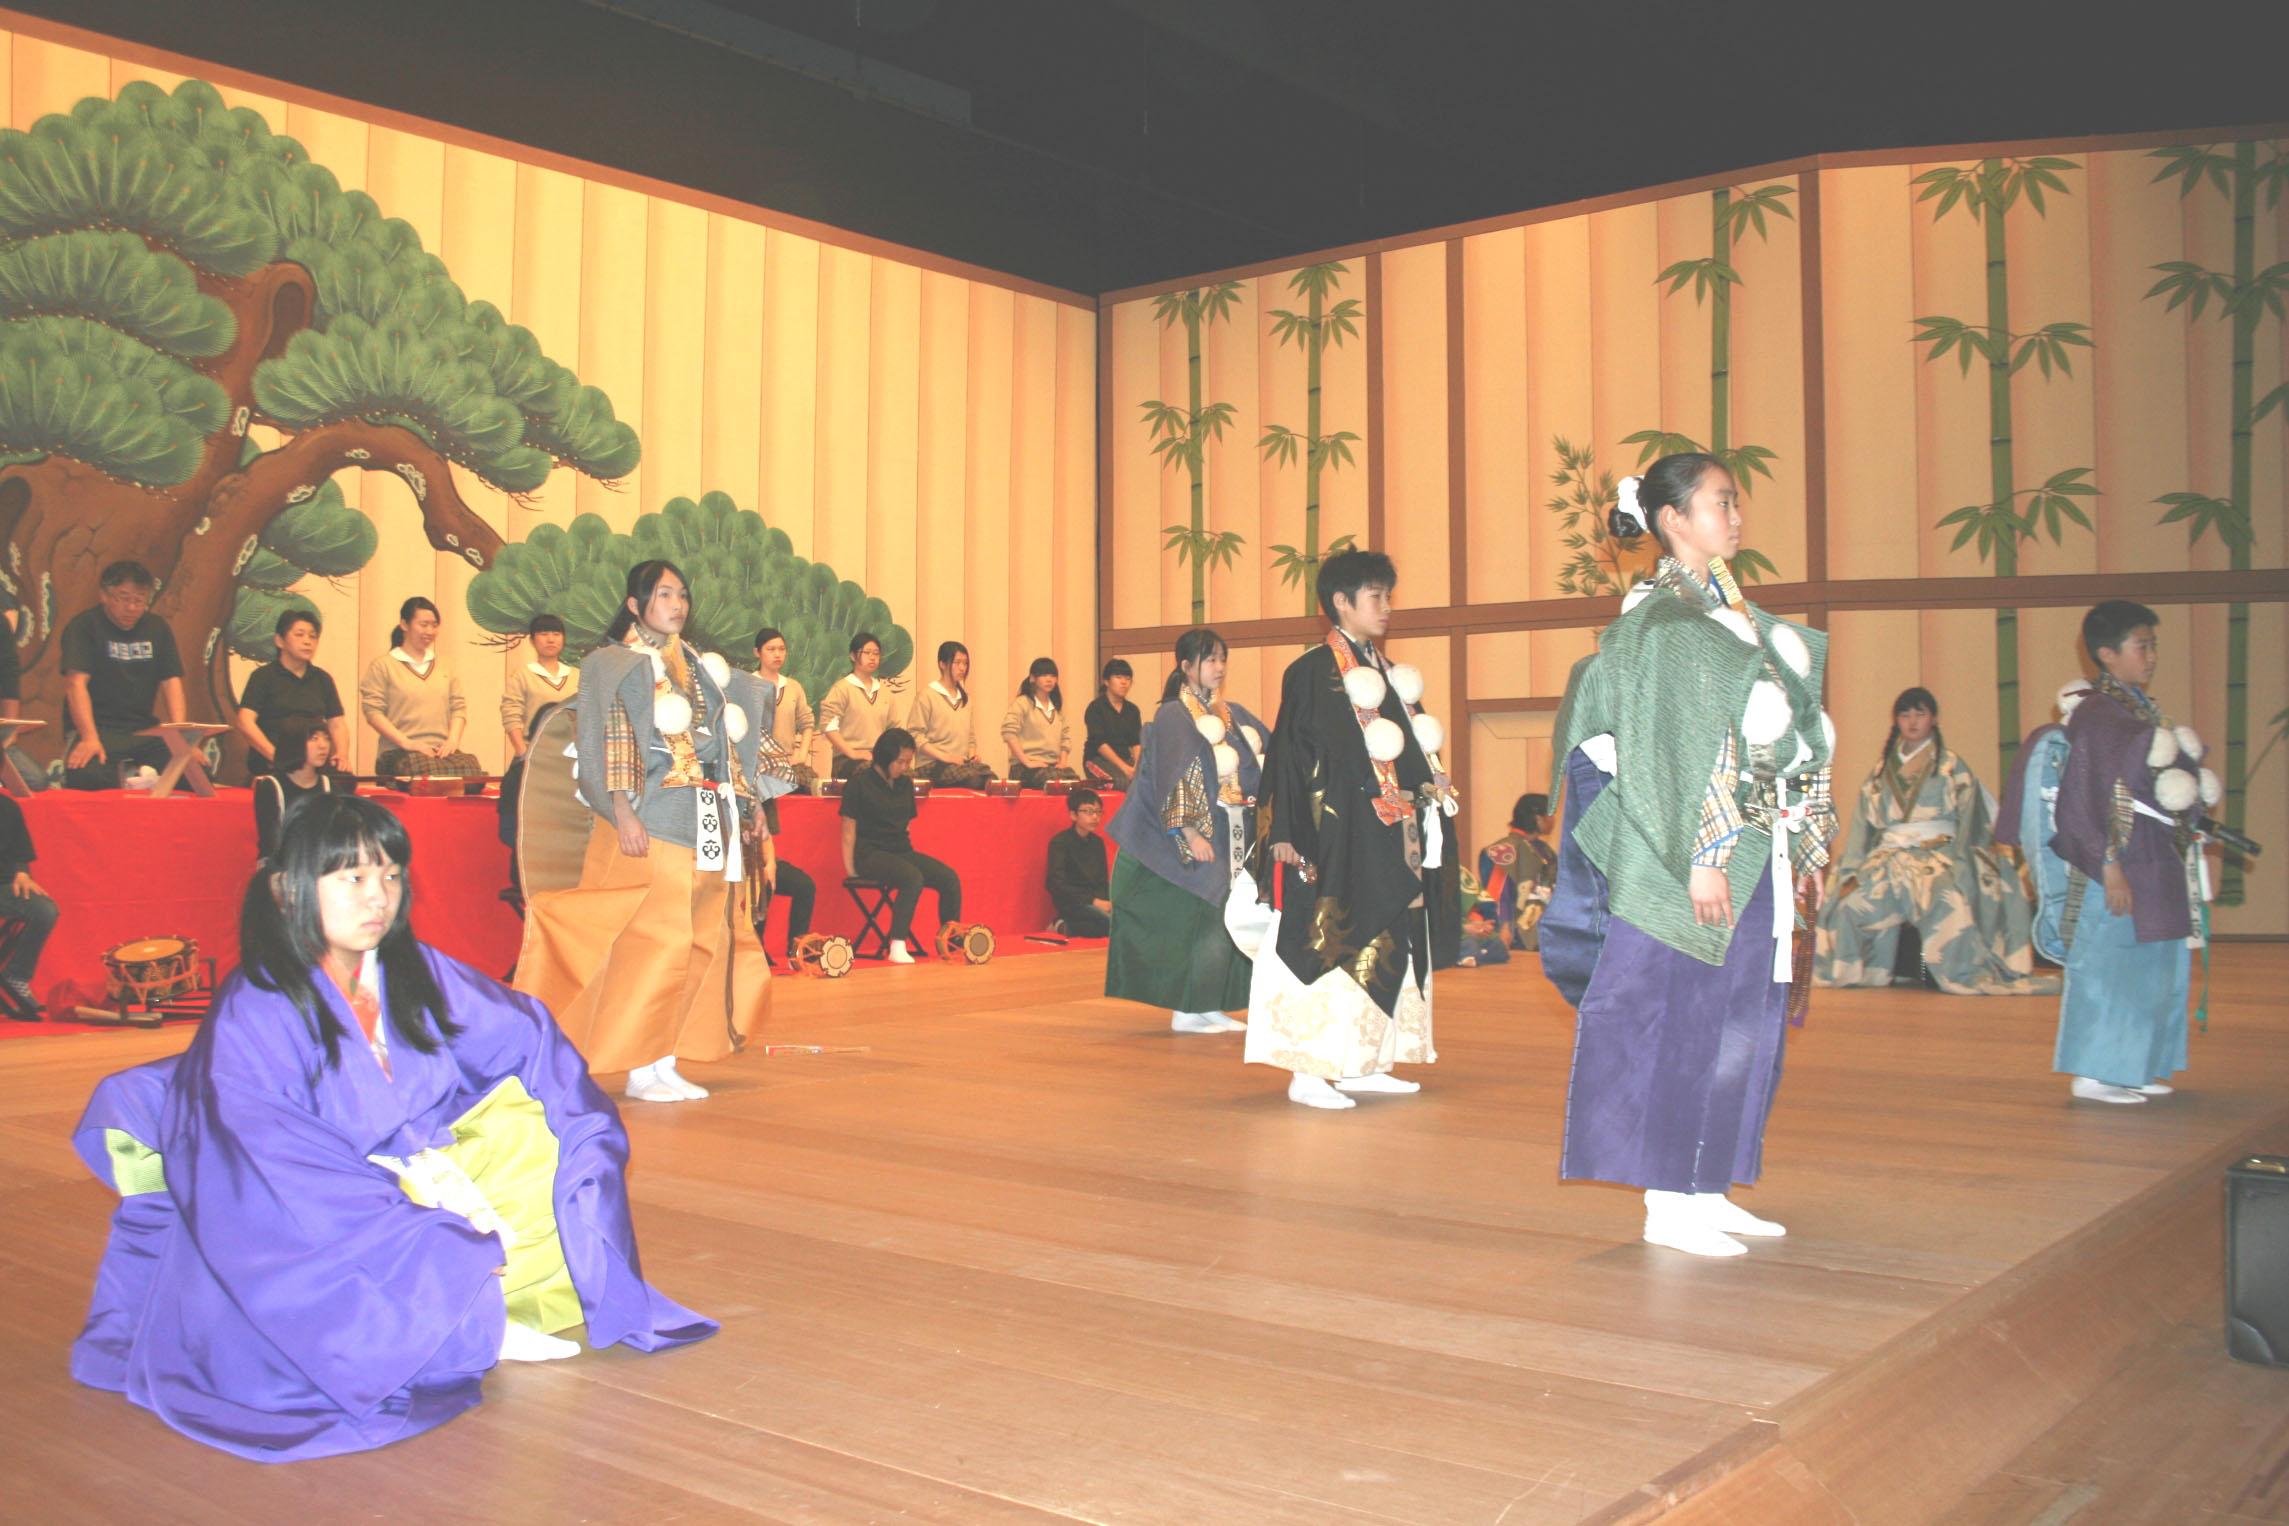 本番さながらに稽古に臨む出演者=小松市の県こまつ芸術劇場うらら